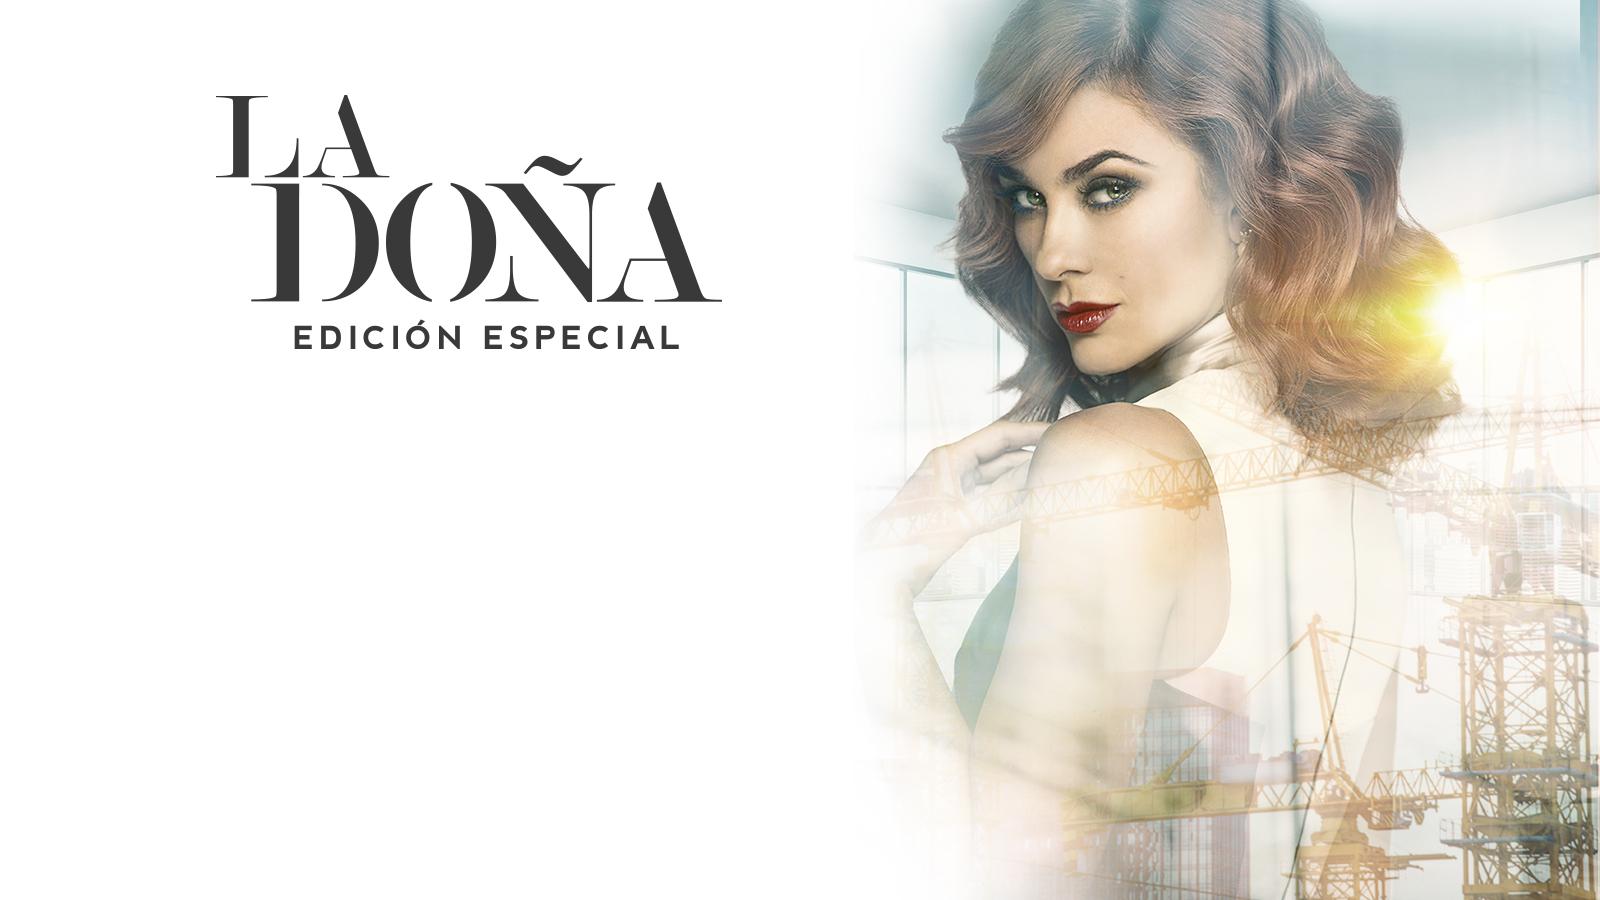 La Doña Edición Especial (Primera Temporada)